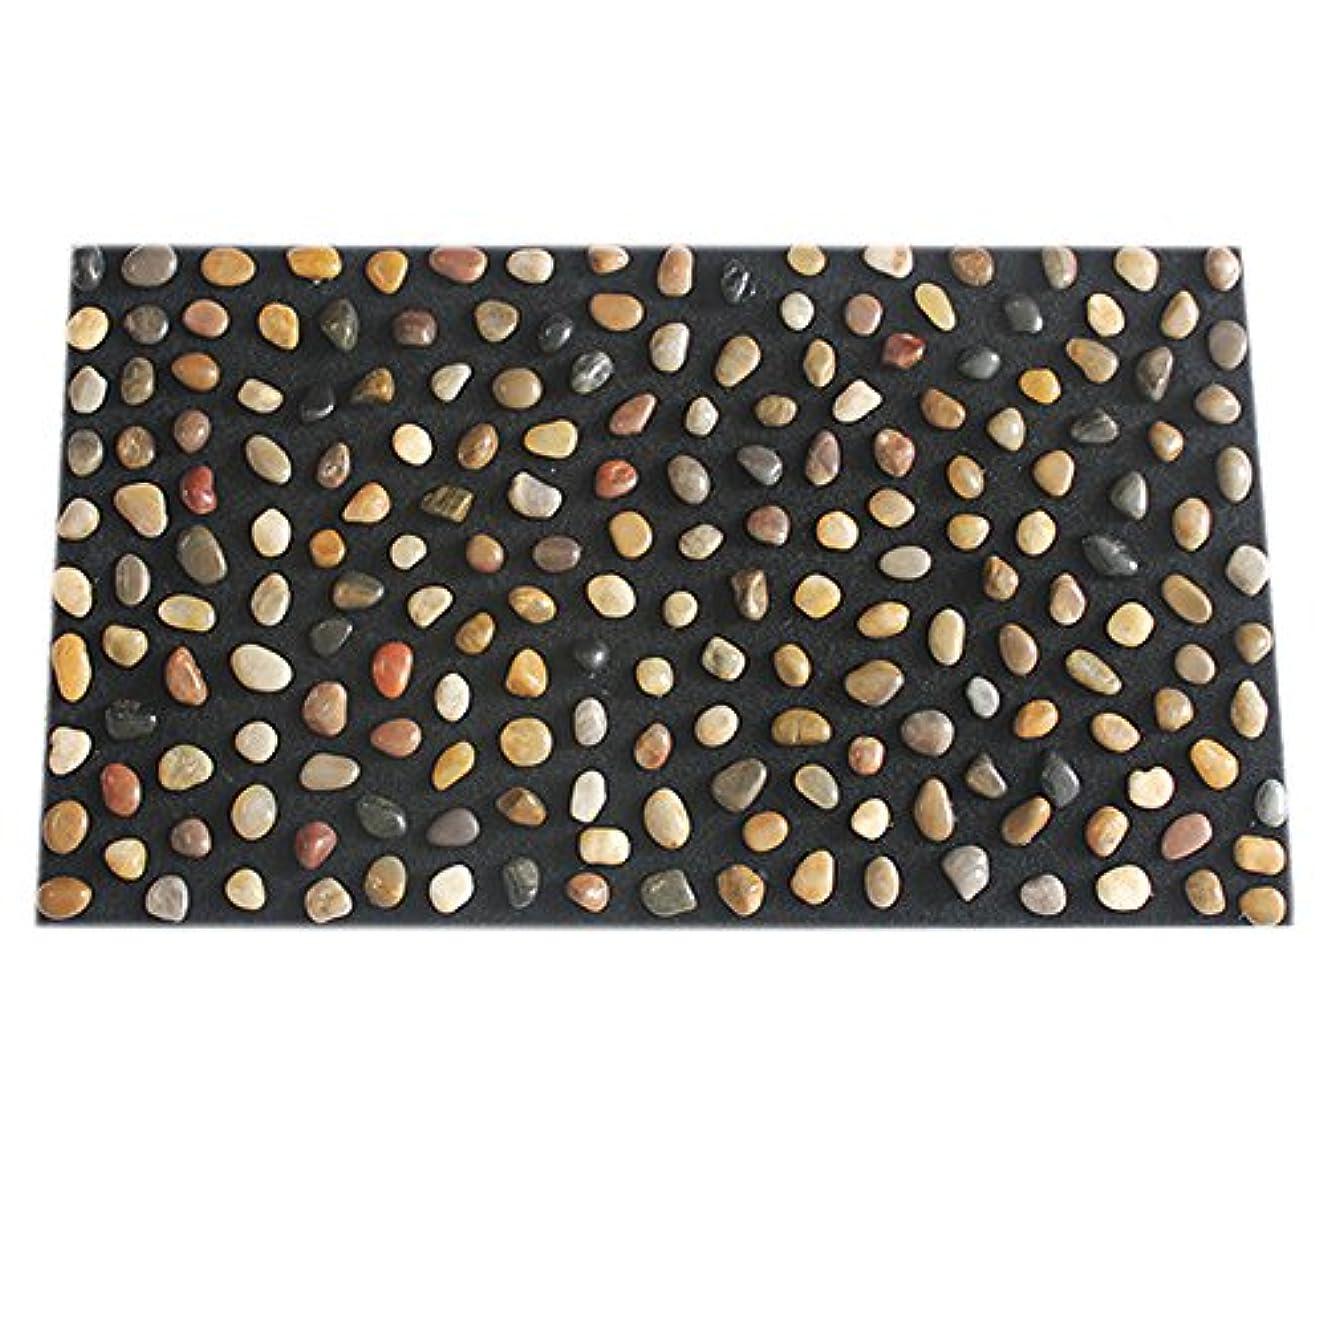 要件豊かにする放散する足つぼ マット マッサージシート マッサージ 足裏 健康 ツボ刺激 折りたたみ ウォーキングマット 足裏マット 本物の健康 フットマッサージ 足のマッサージパッド 模造石畳の歩道